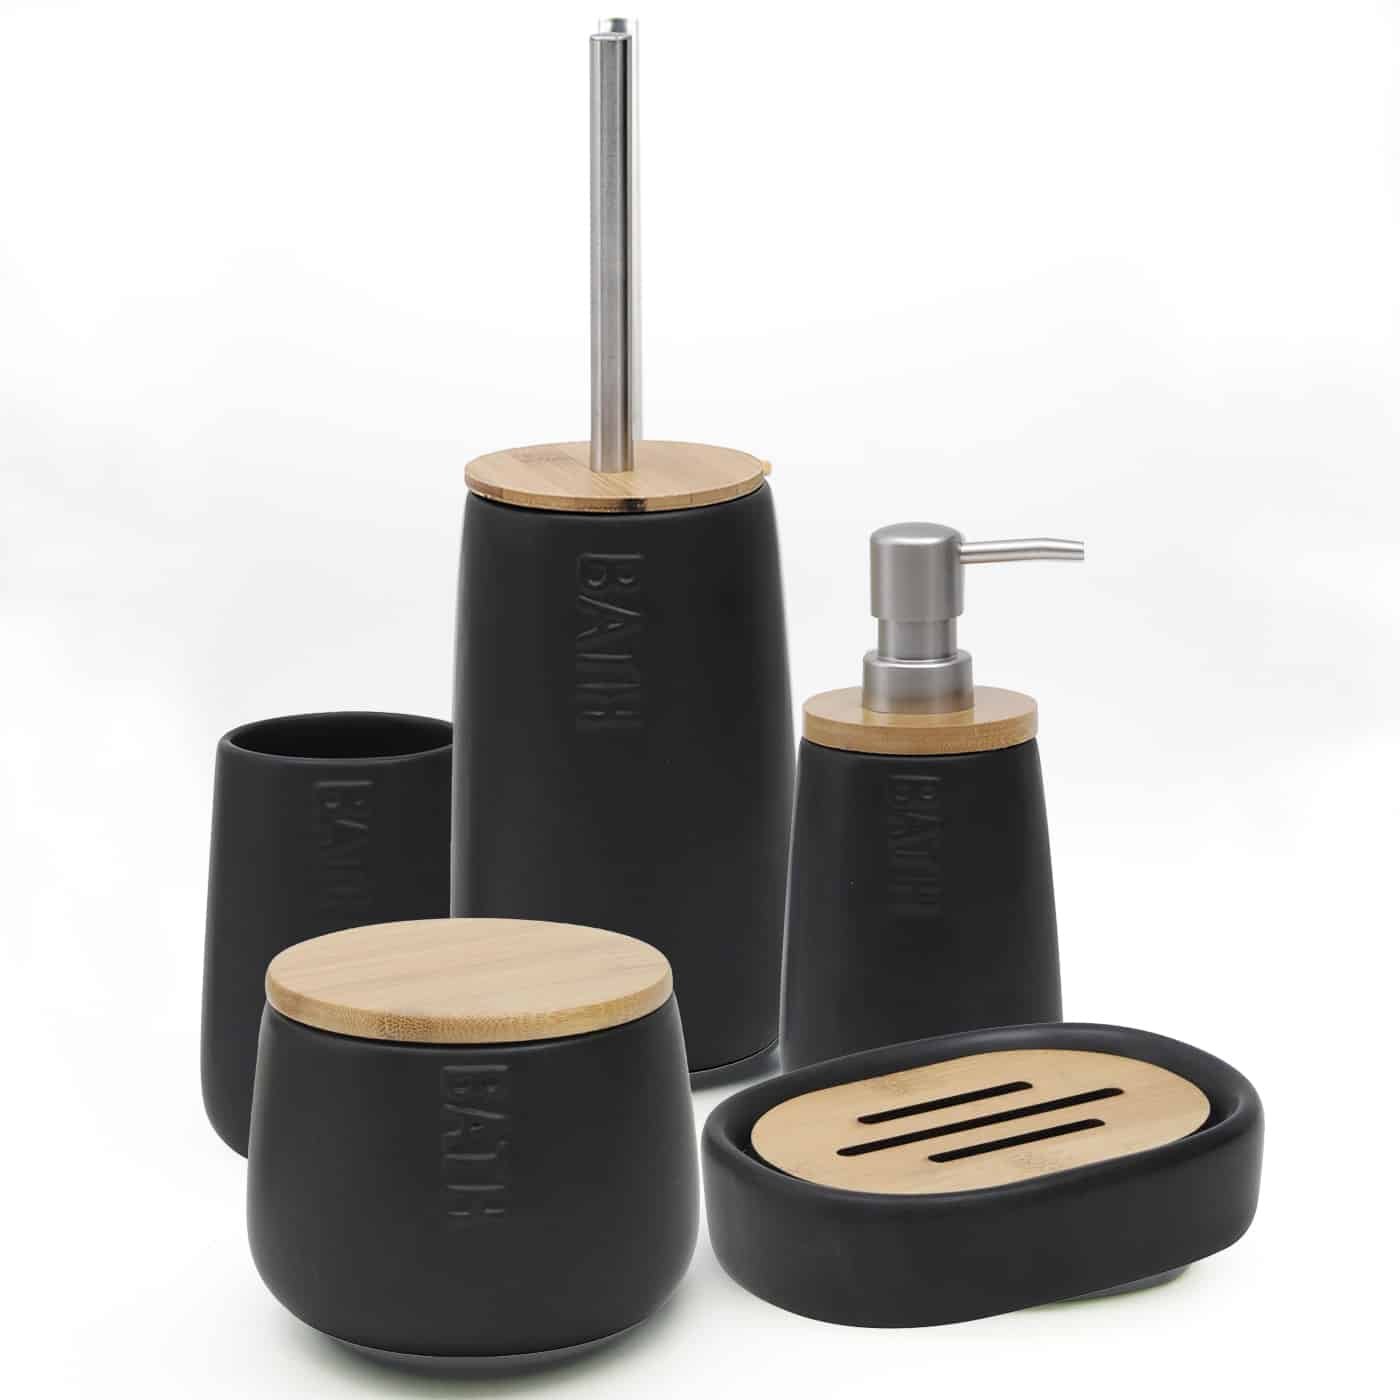 Bath D Dolomite Bath Accessory Black Set-5 pieces